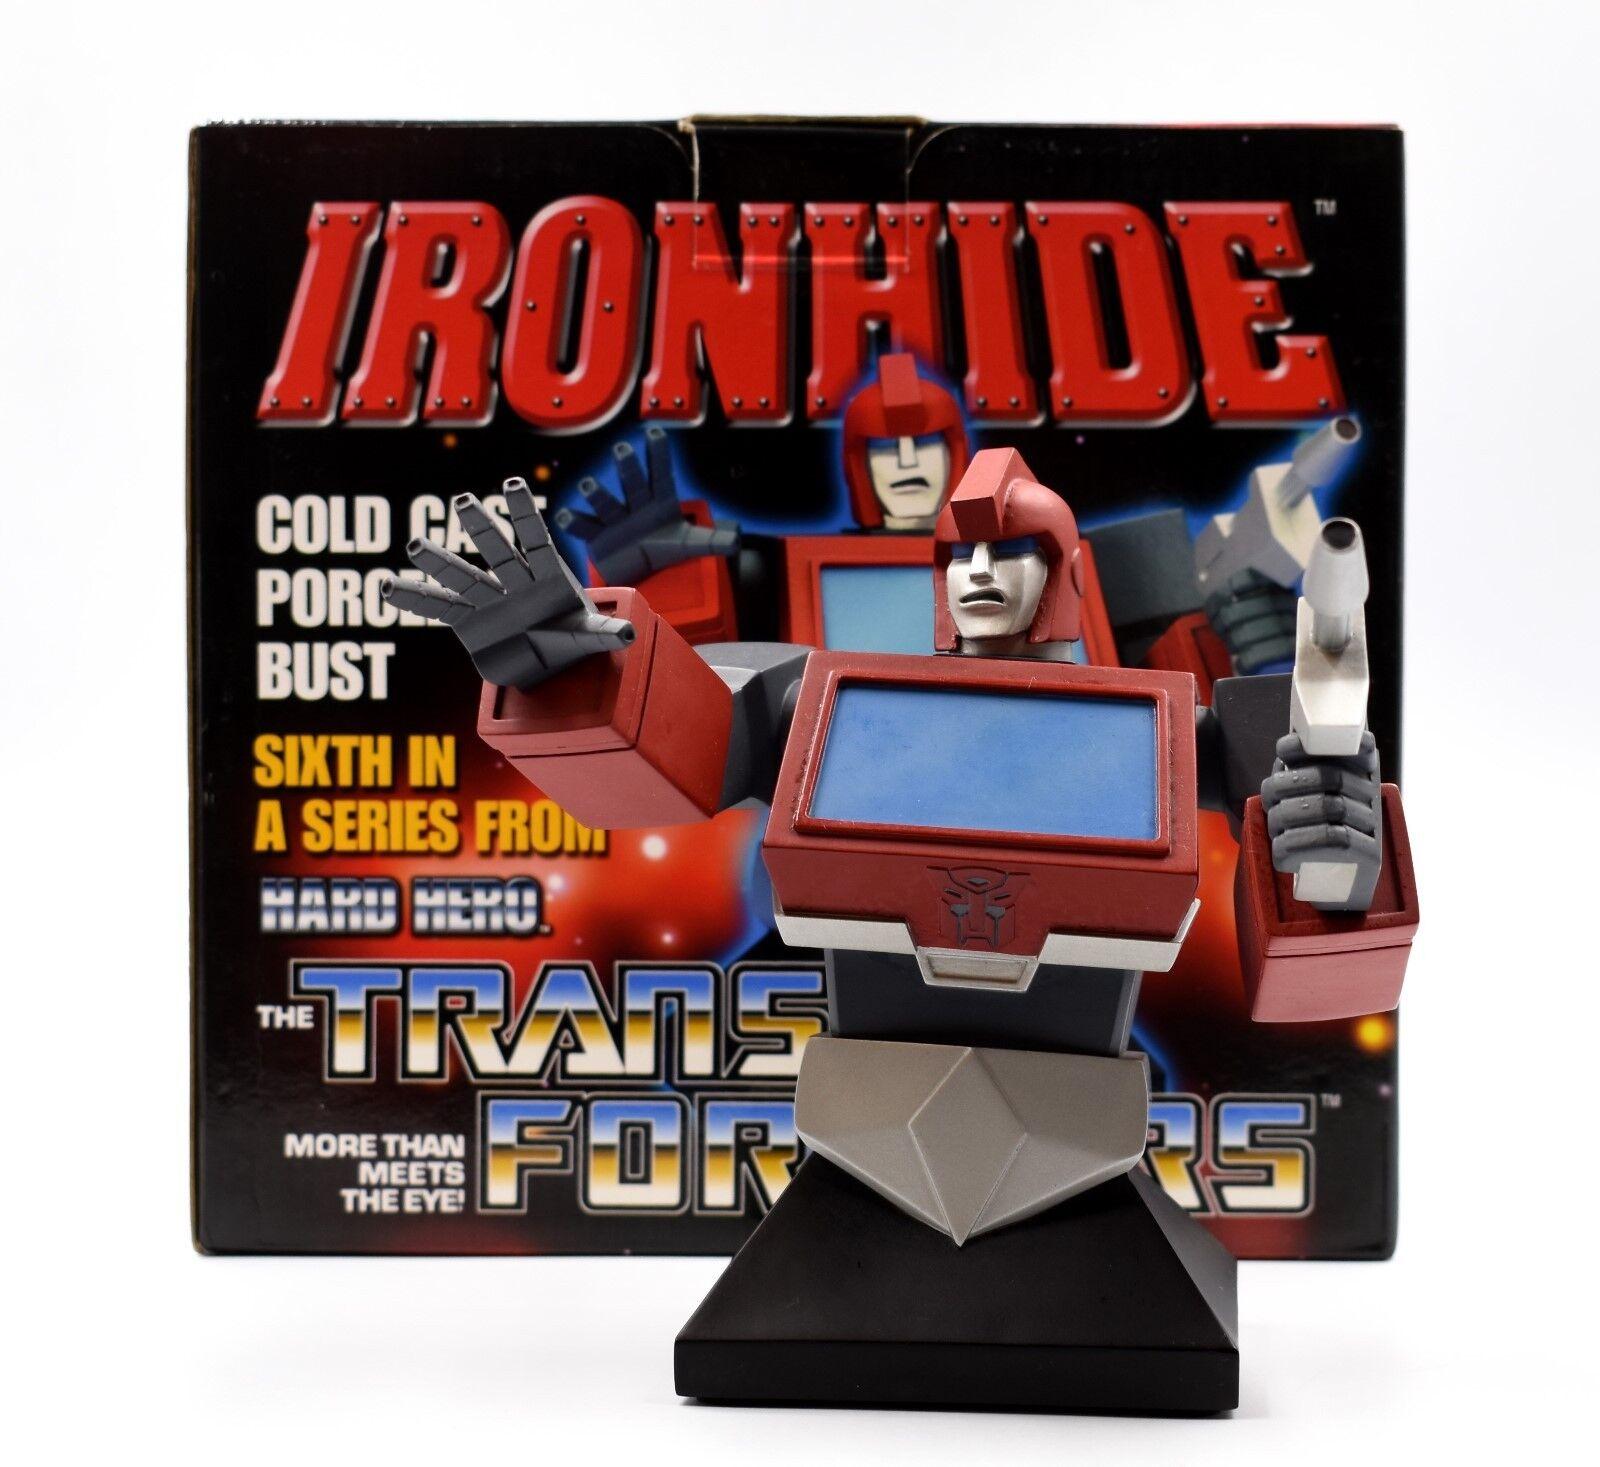 La serie de TRANSFORMERS HARD HERO-Edición Limitada Ironhide busto